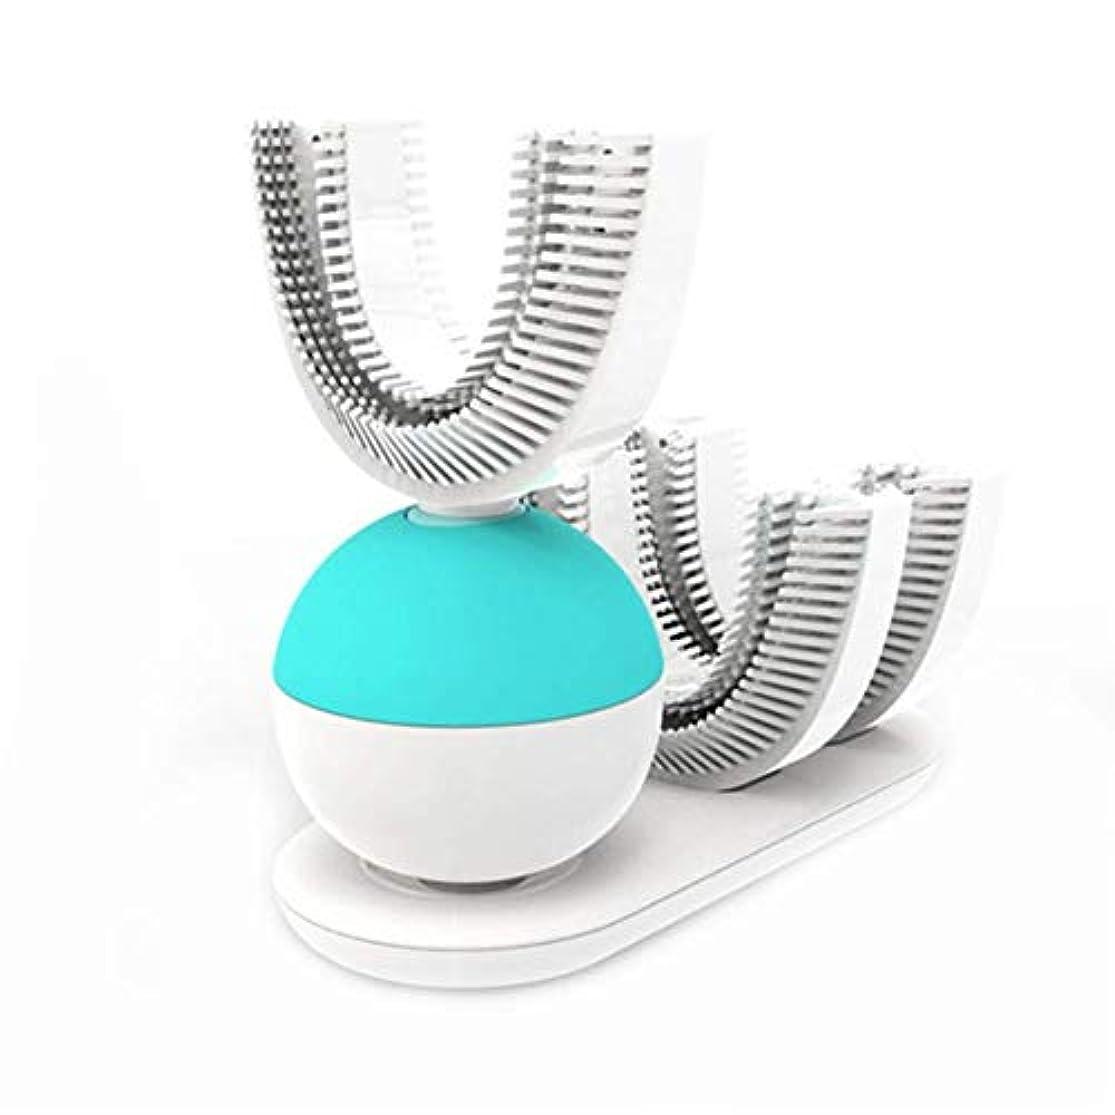 明示的に立ち向かう保証歯のホワイトニングキット敏感な歯、10分の急行結果、汚れリムーバー非感受性、口トレイ